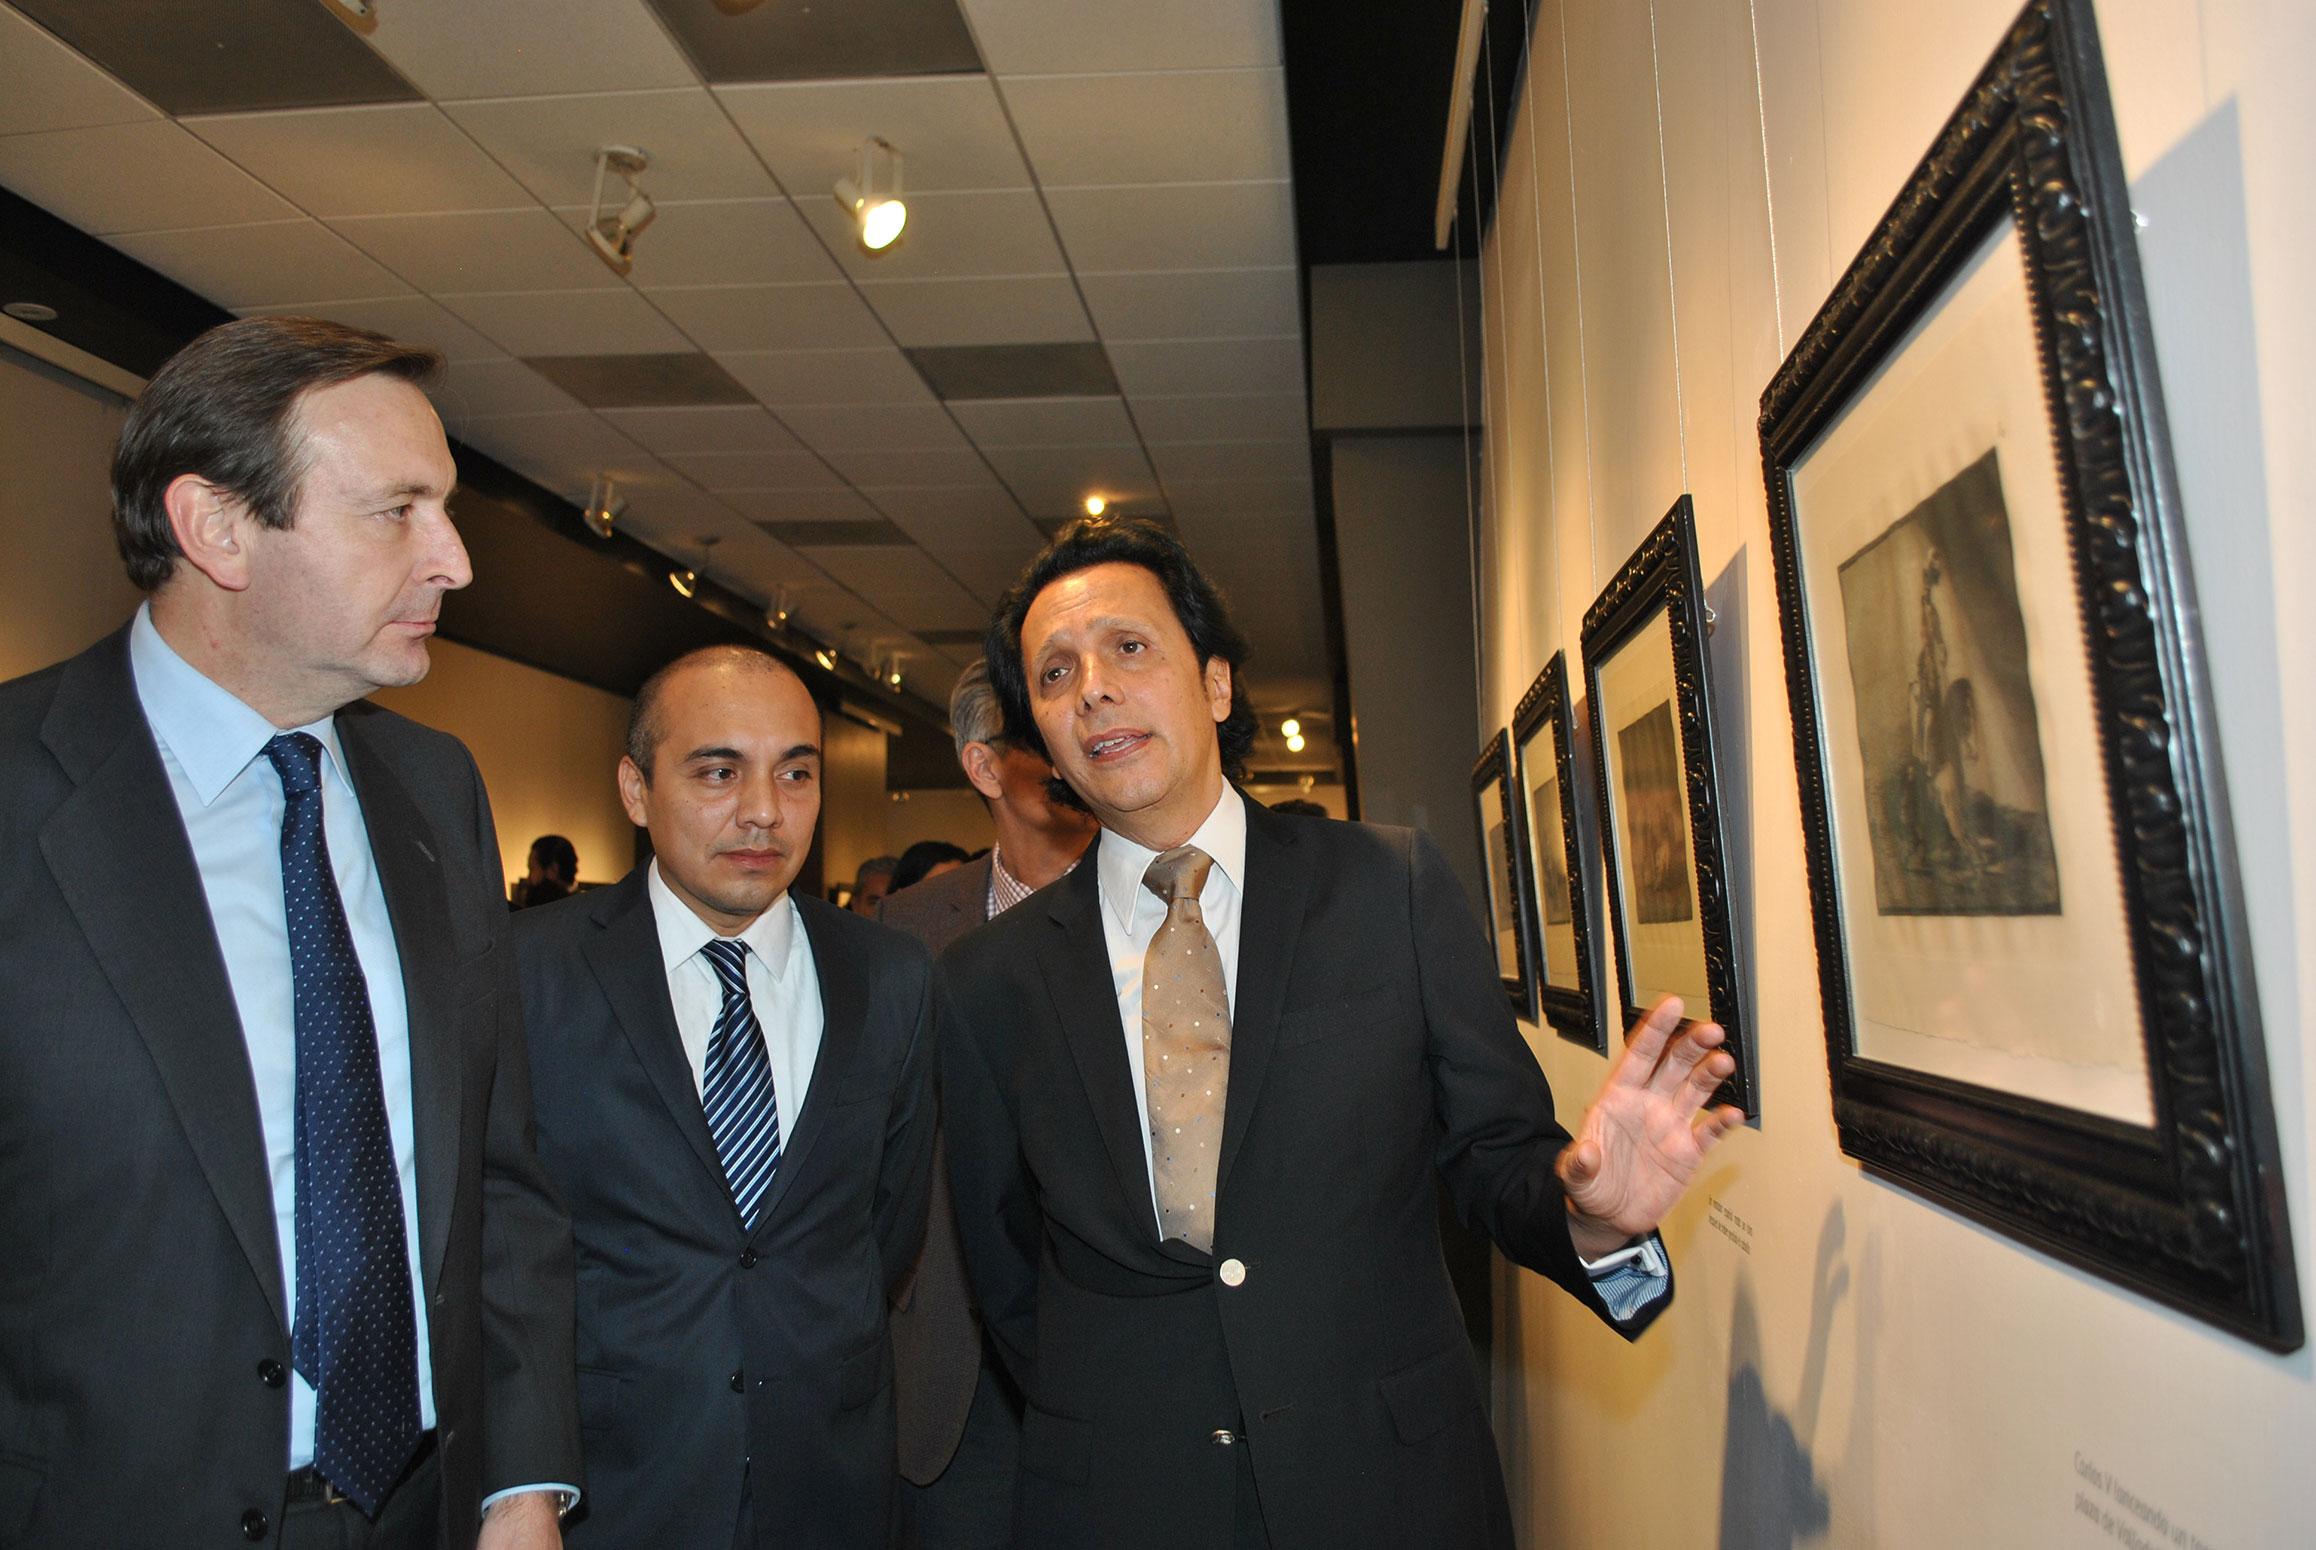 Luis Fernández-Cid de las Alas Pumariño, embajador de España (izquierda), observa la exposición mientras que Sergio Corella (derecha), le da la explicación de la obra